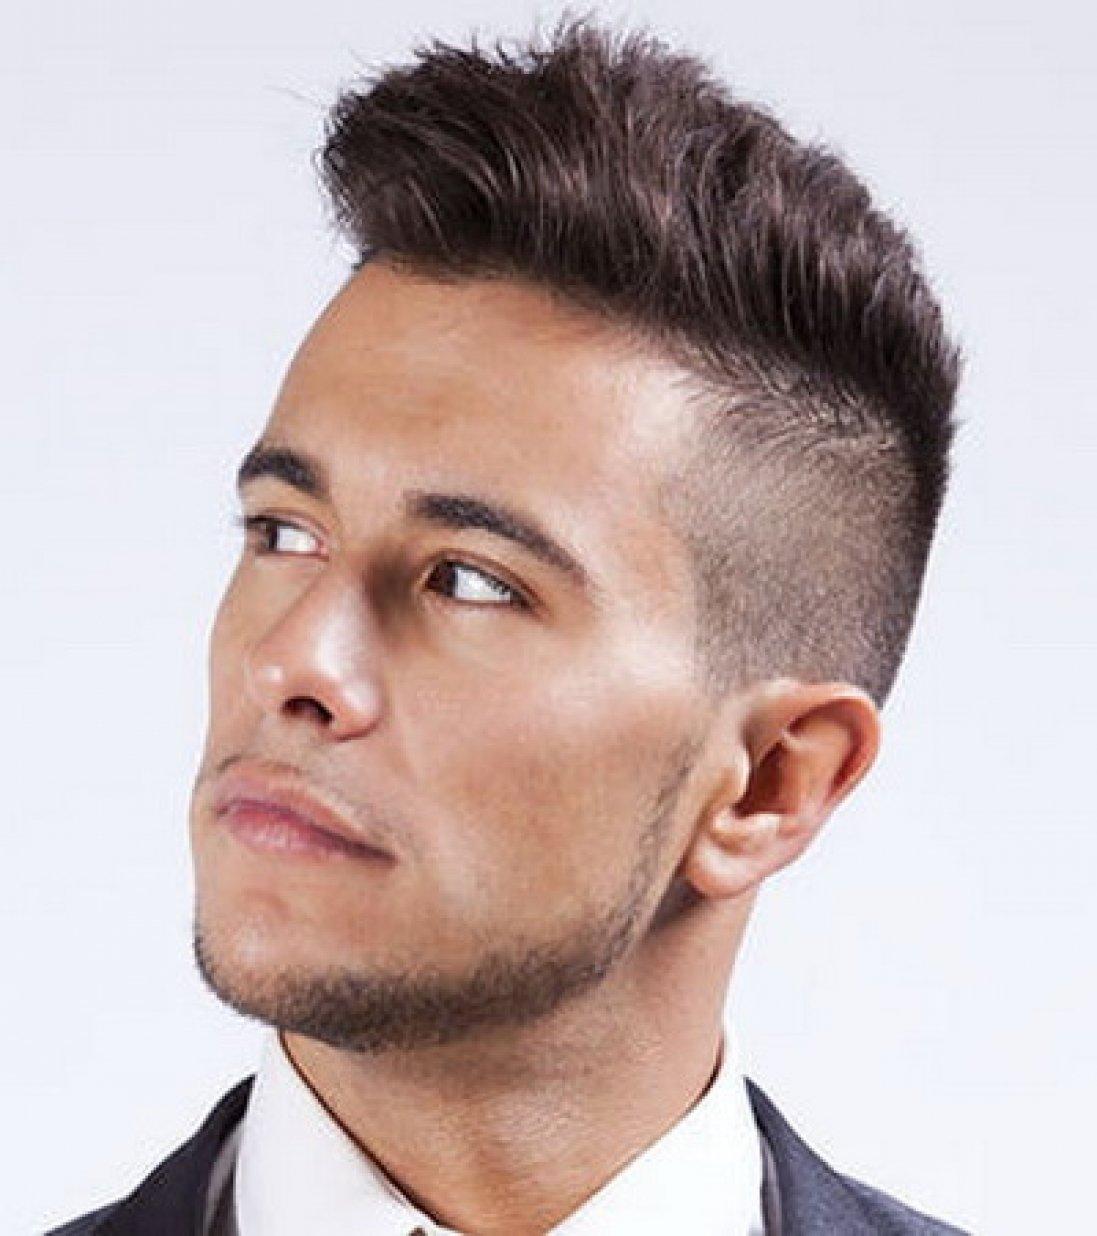 Какую сделать мужские прически если короткие волосы